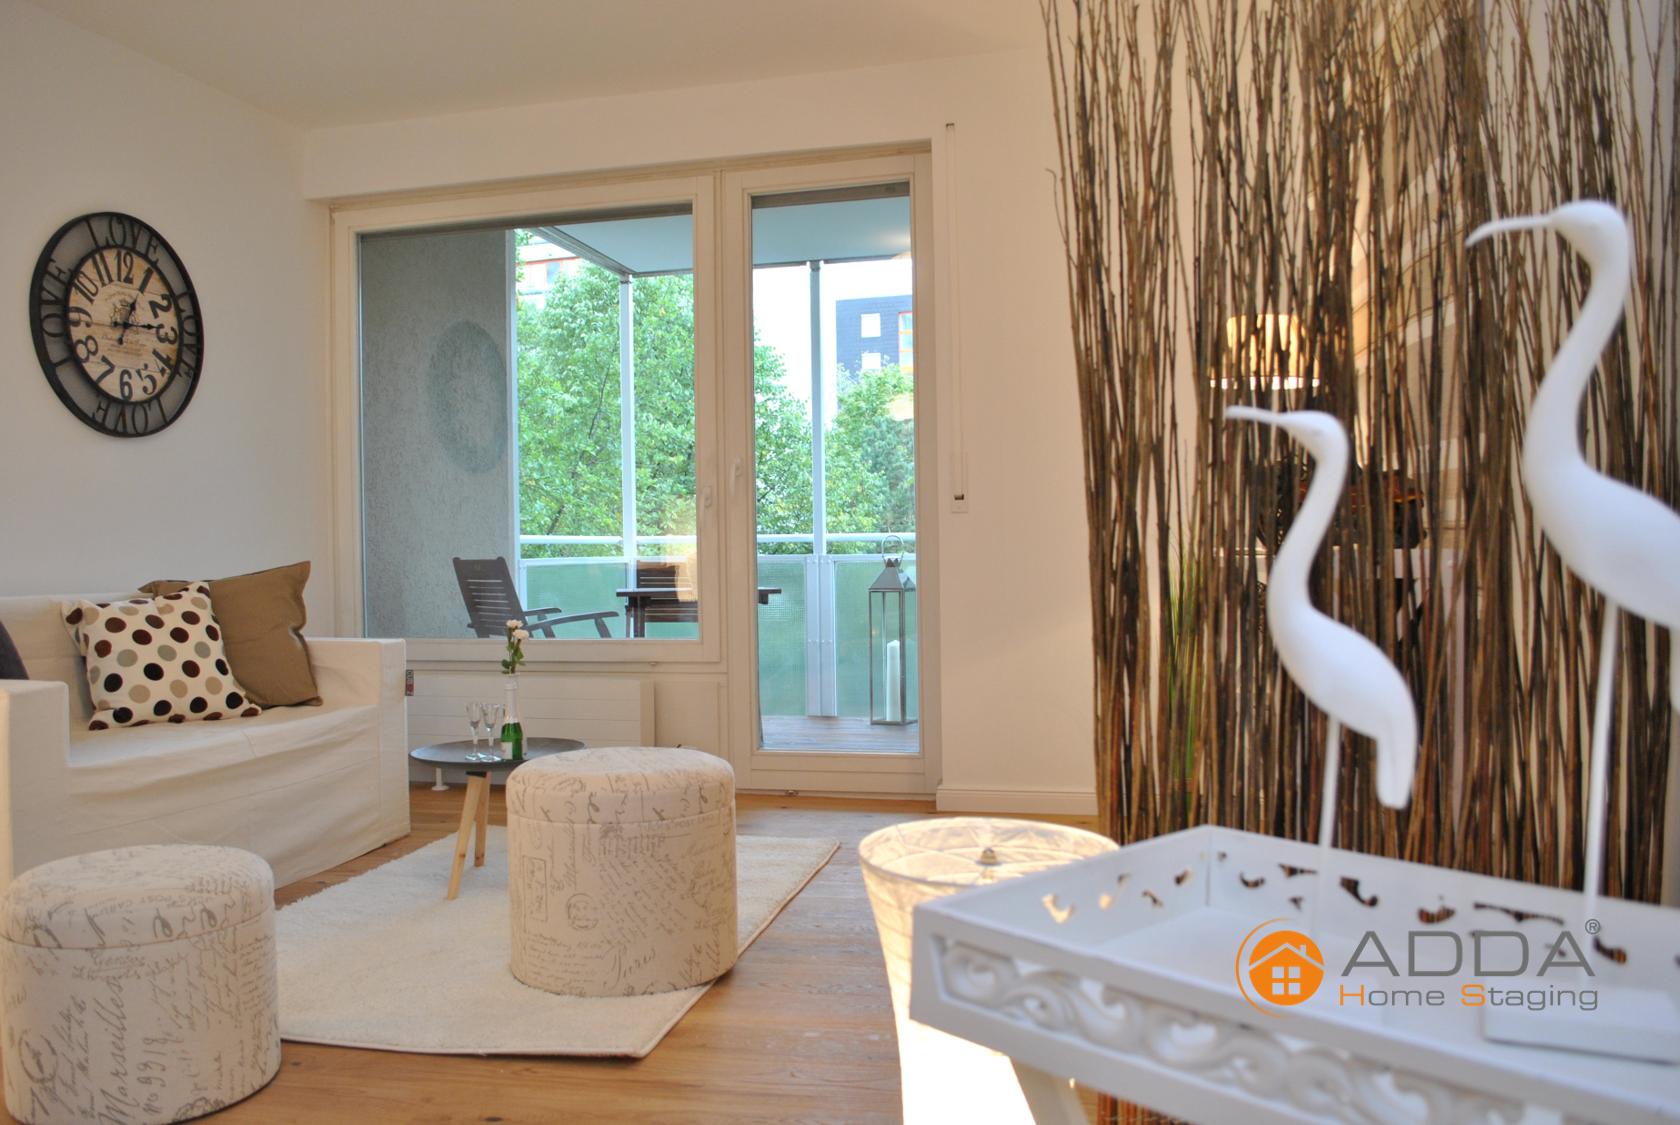 Raumgestaltung bilder ideen couchstyle for Raumgestaltung ideen schlafzimmer